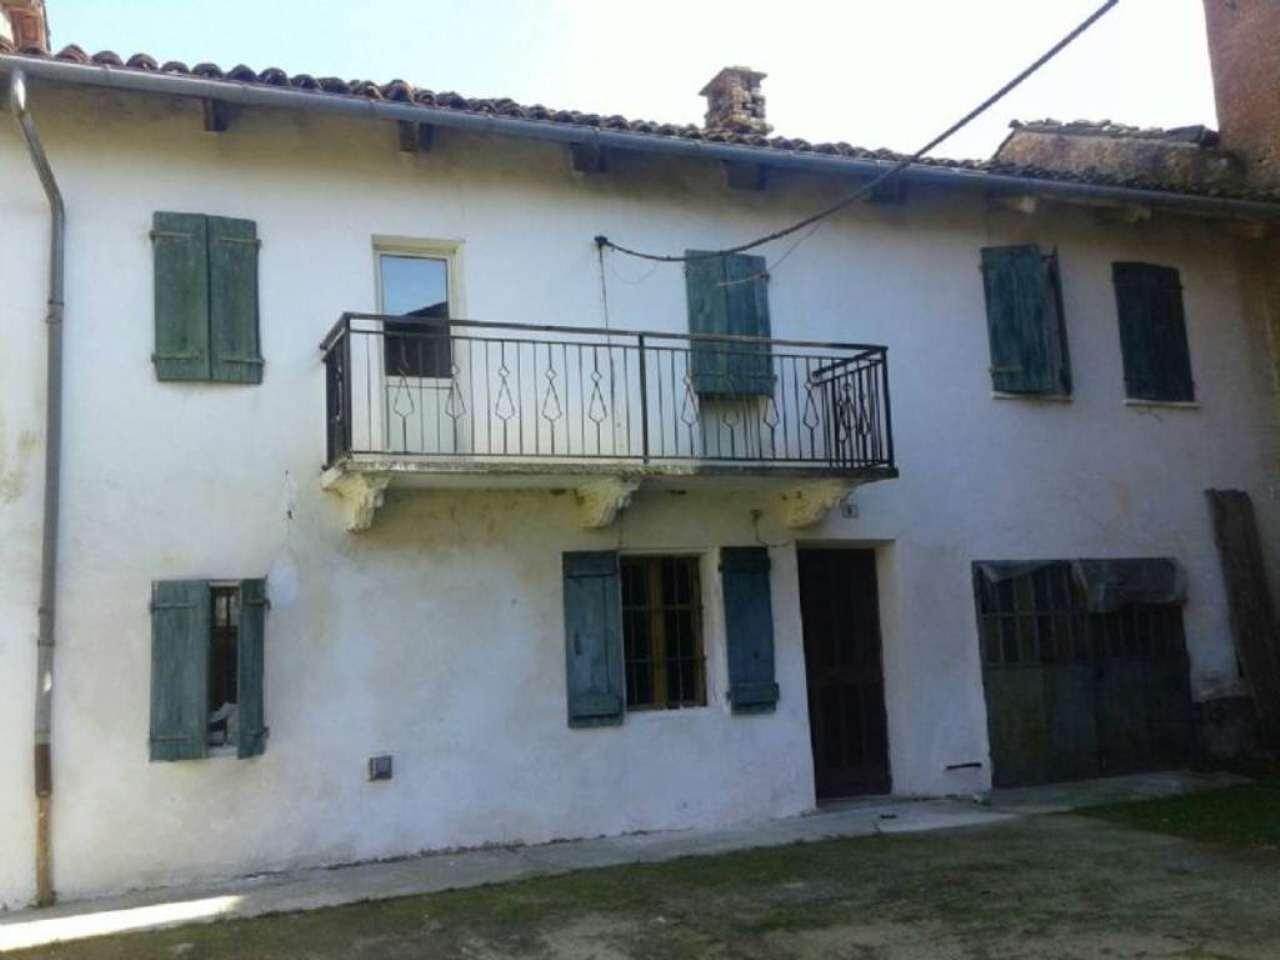 Rustico / Casale in vendita a Cortazzone, 12 locali, prezzo € 70.000 | Cambio Casa.it